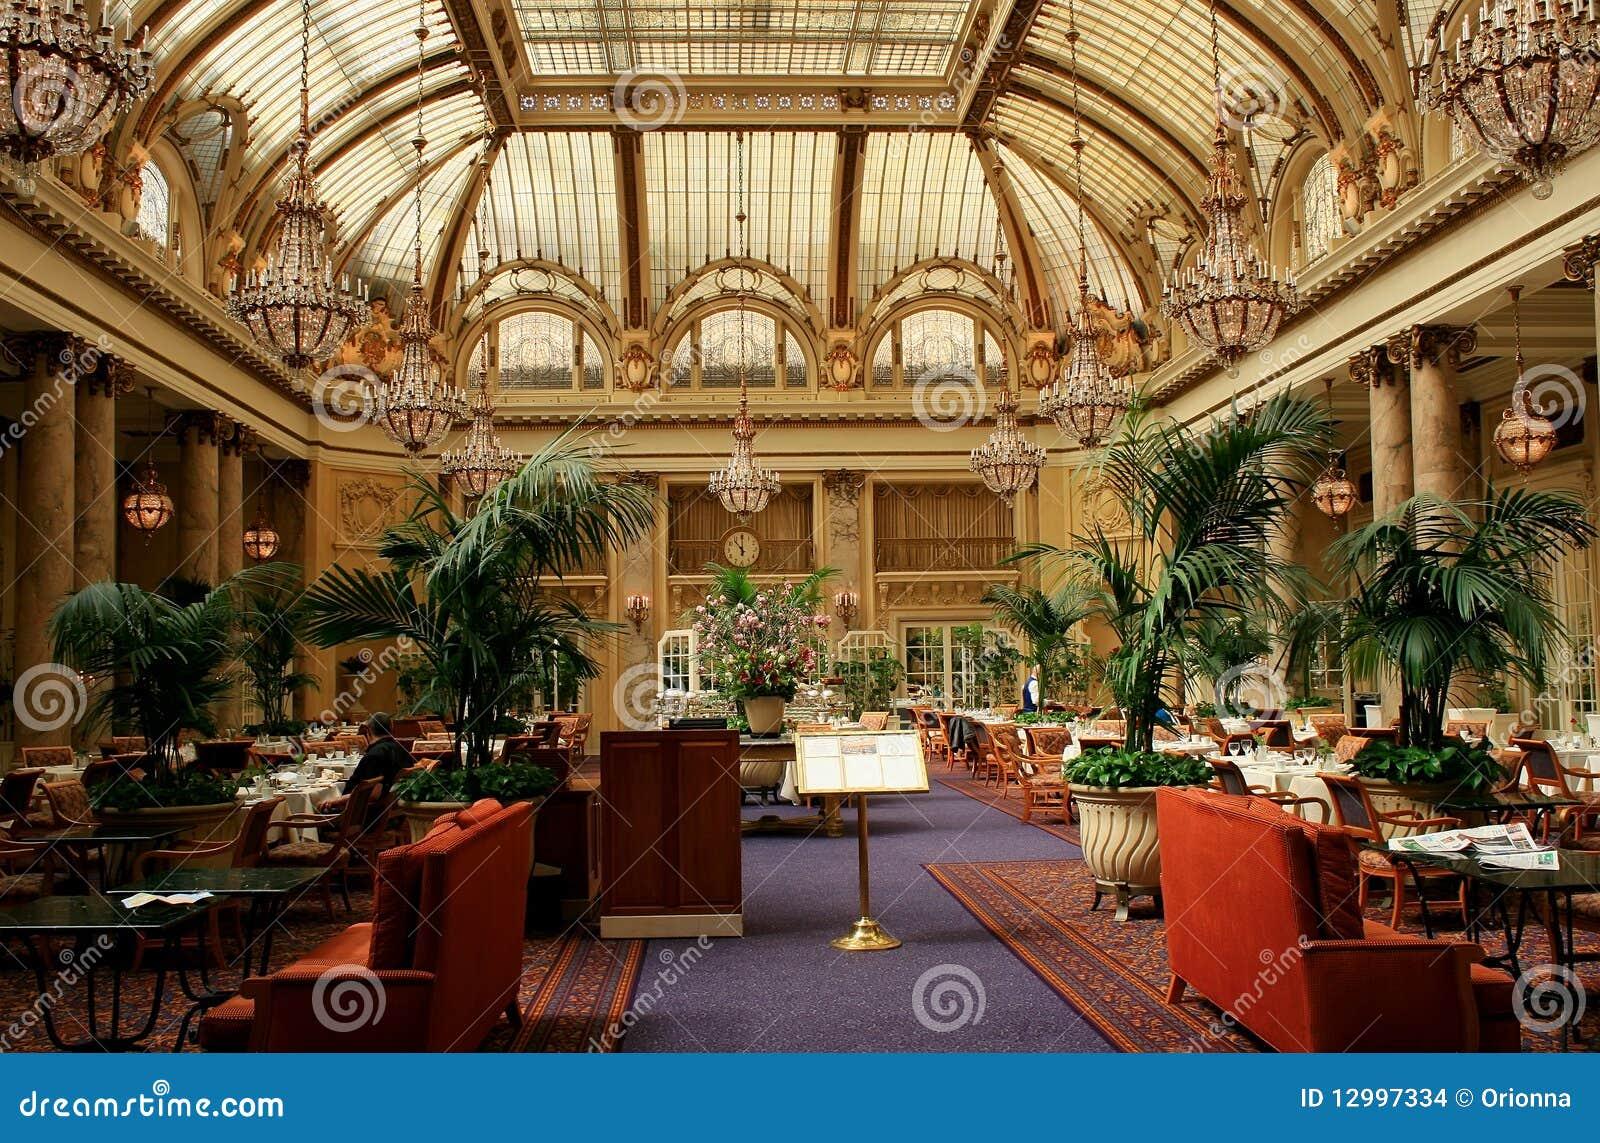 Luxury hotel restauran interior, San Francisco